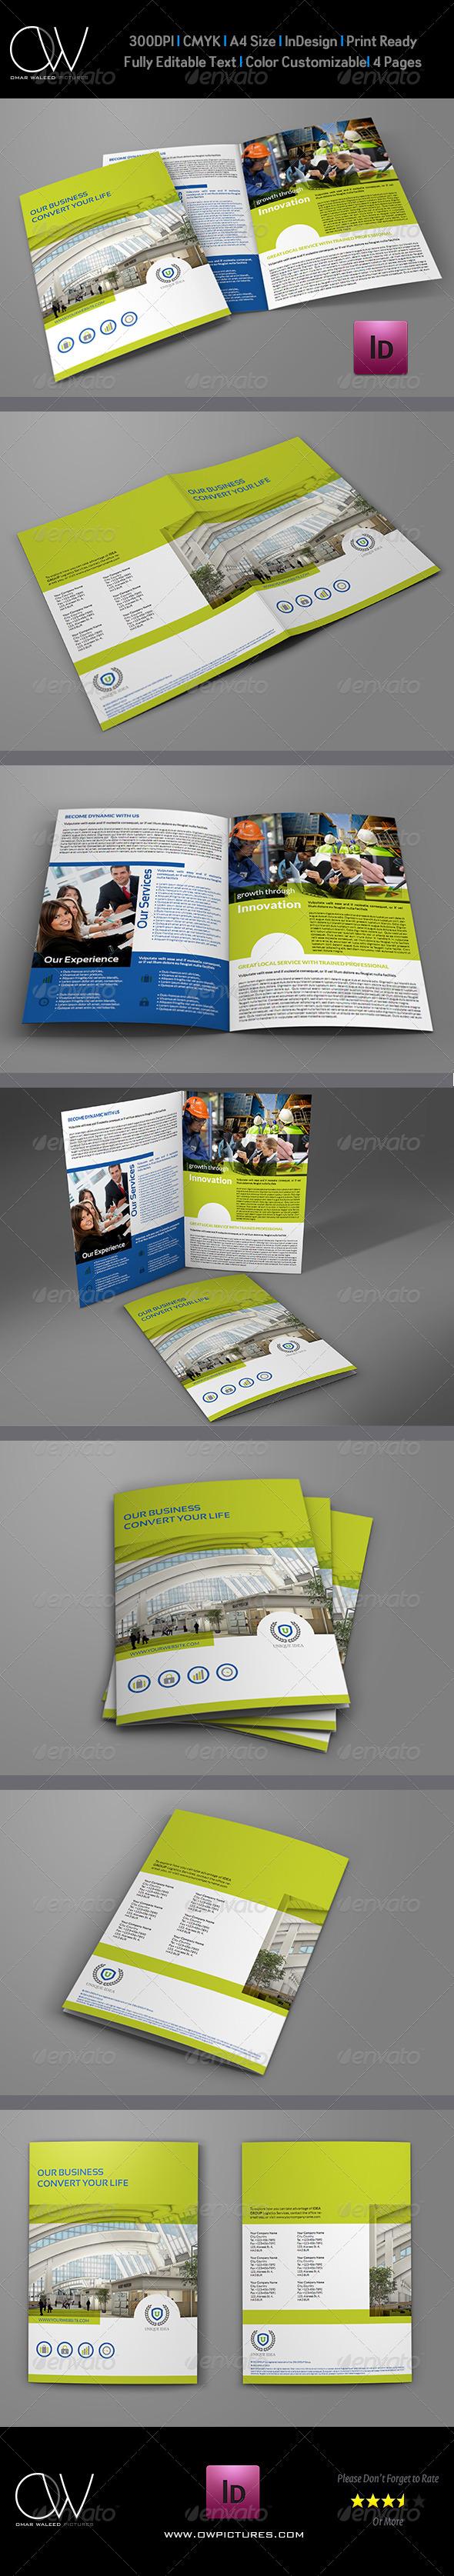 Company Brochure Bi-Fold Template - Corporate Brochures